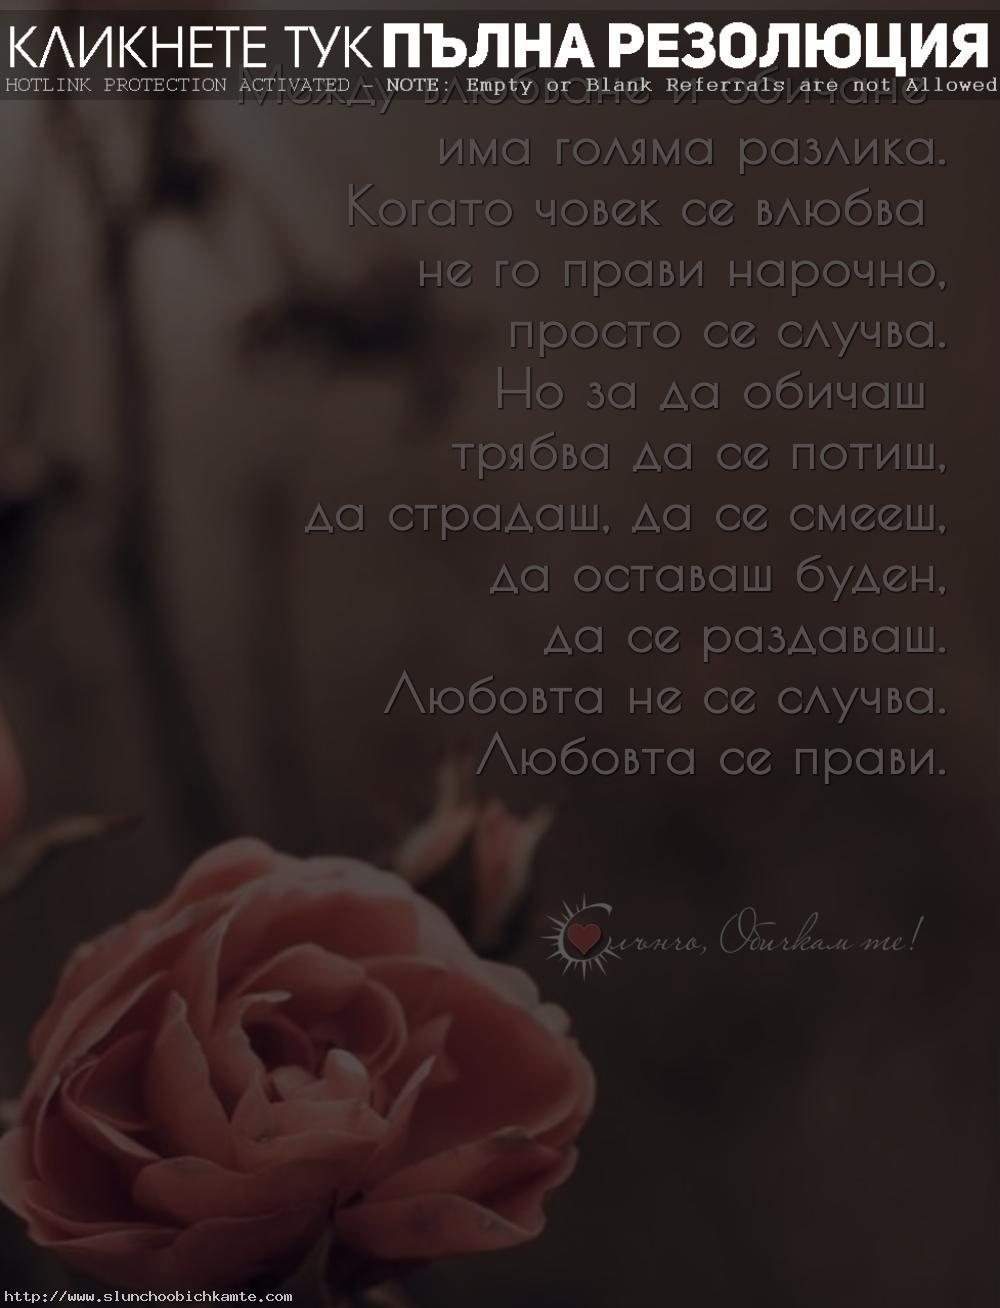 Между влюбване и обичане има голяма разлика - Любовта не се случва, любовта се прави